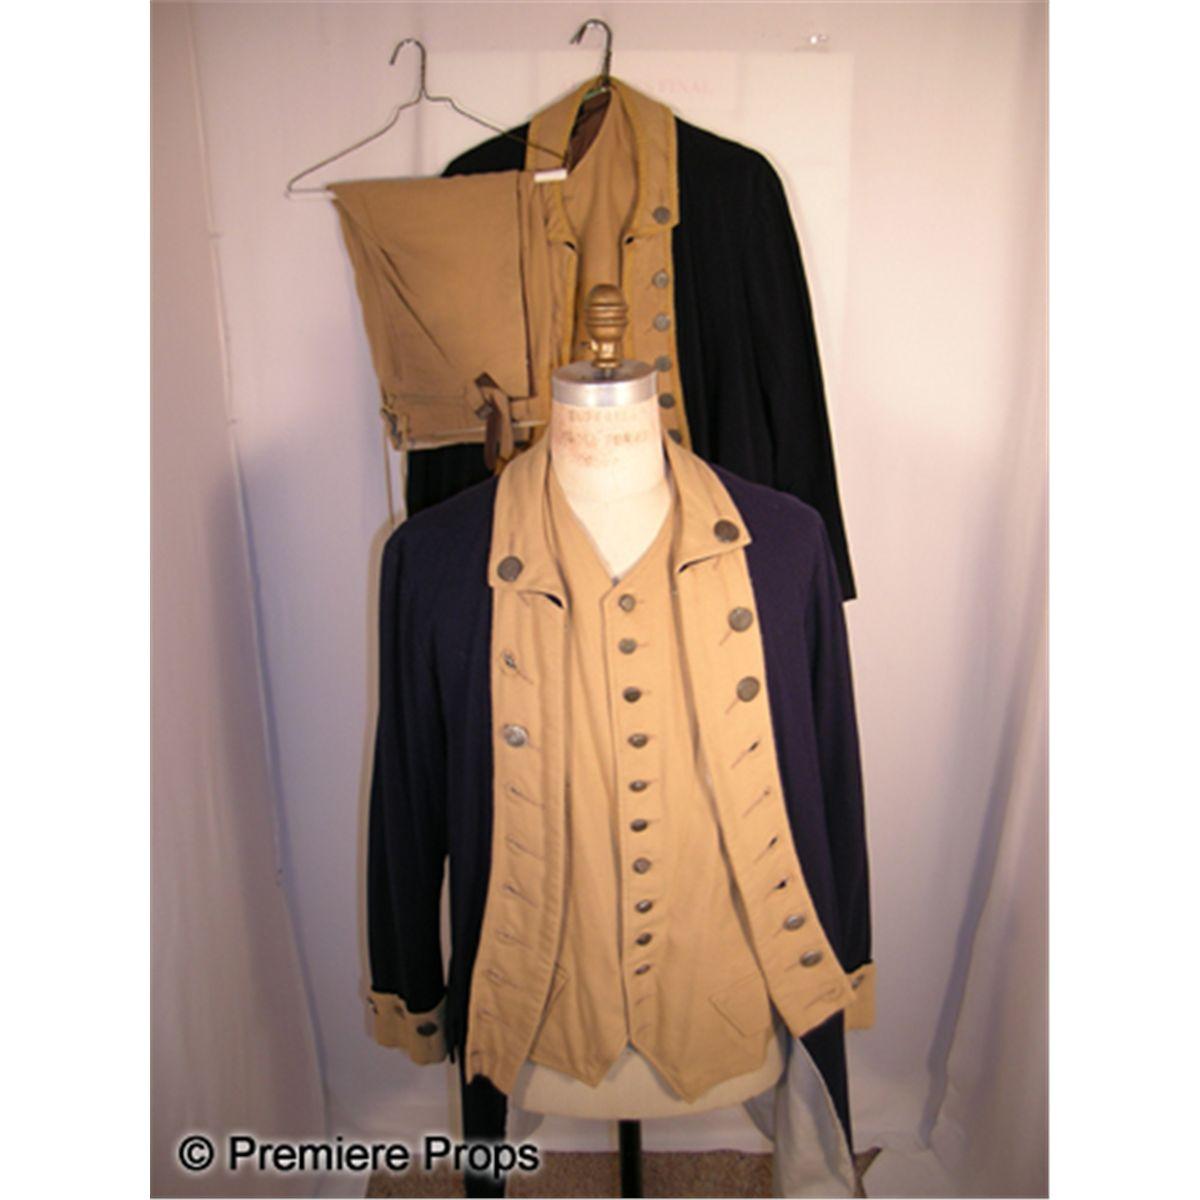 Lot of Revolutionary War Uniforms